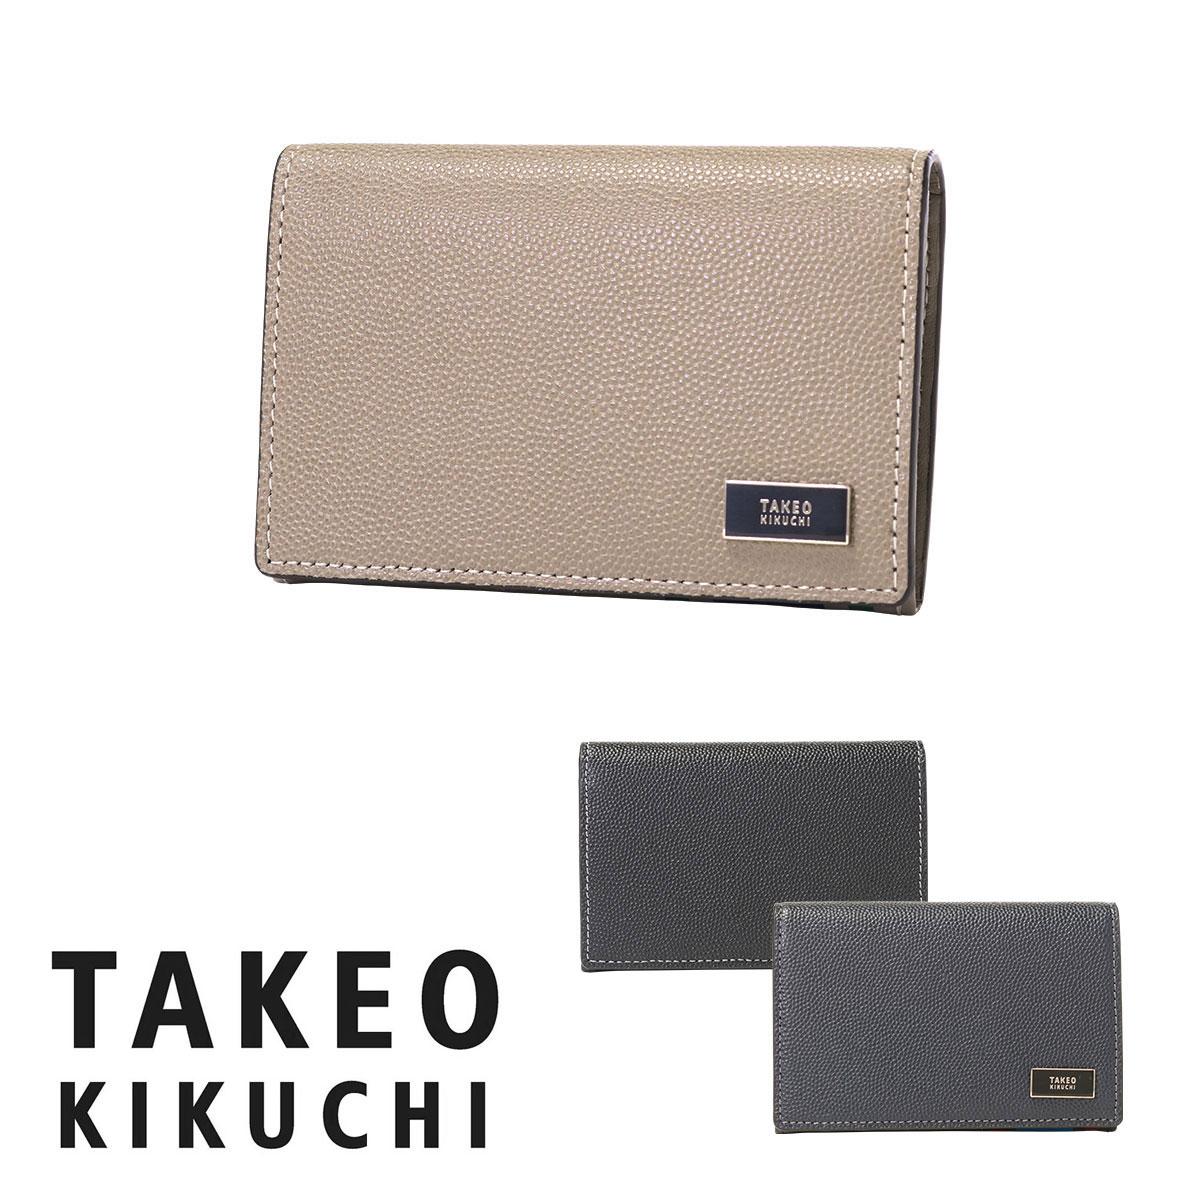 名刺入れ タケオキクチ スクール メンズ 745613 TAKEO KIKUCHI カードケース パスケース 牛革 本革 レザー [PO5][bef]